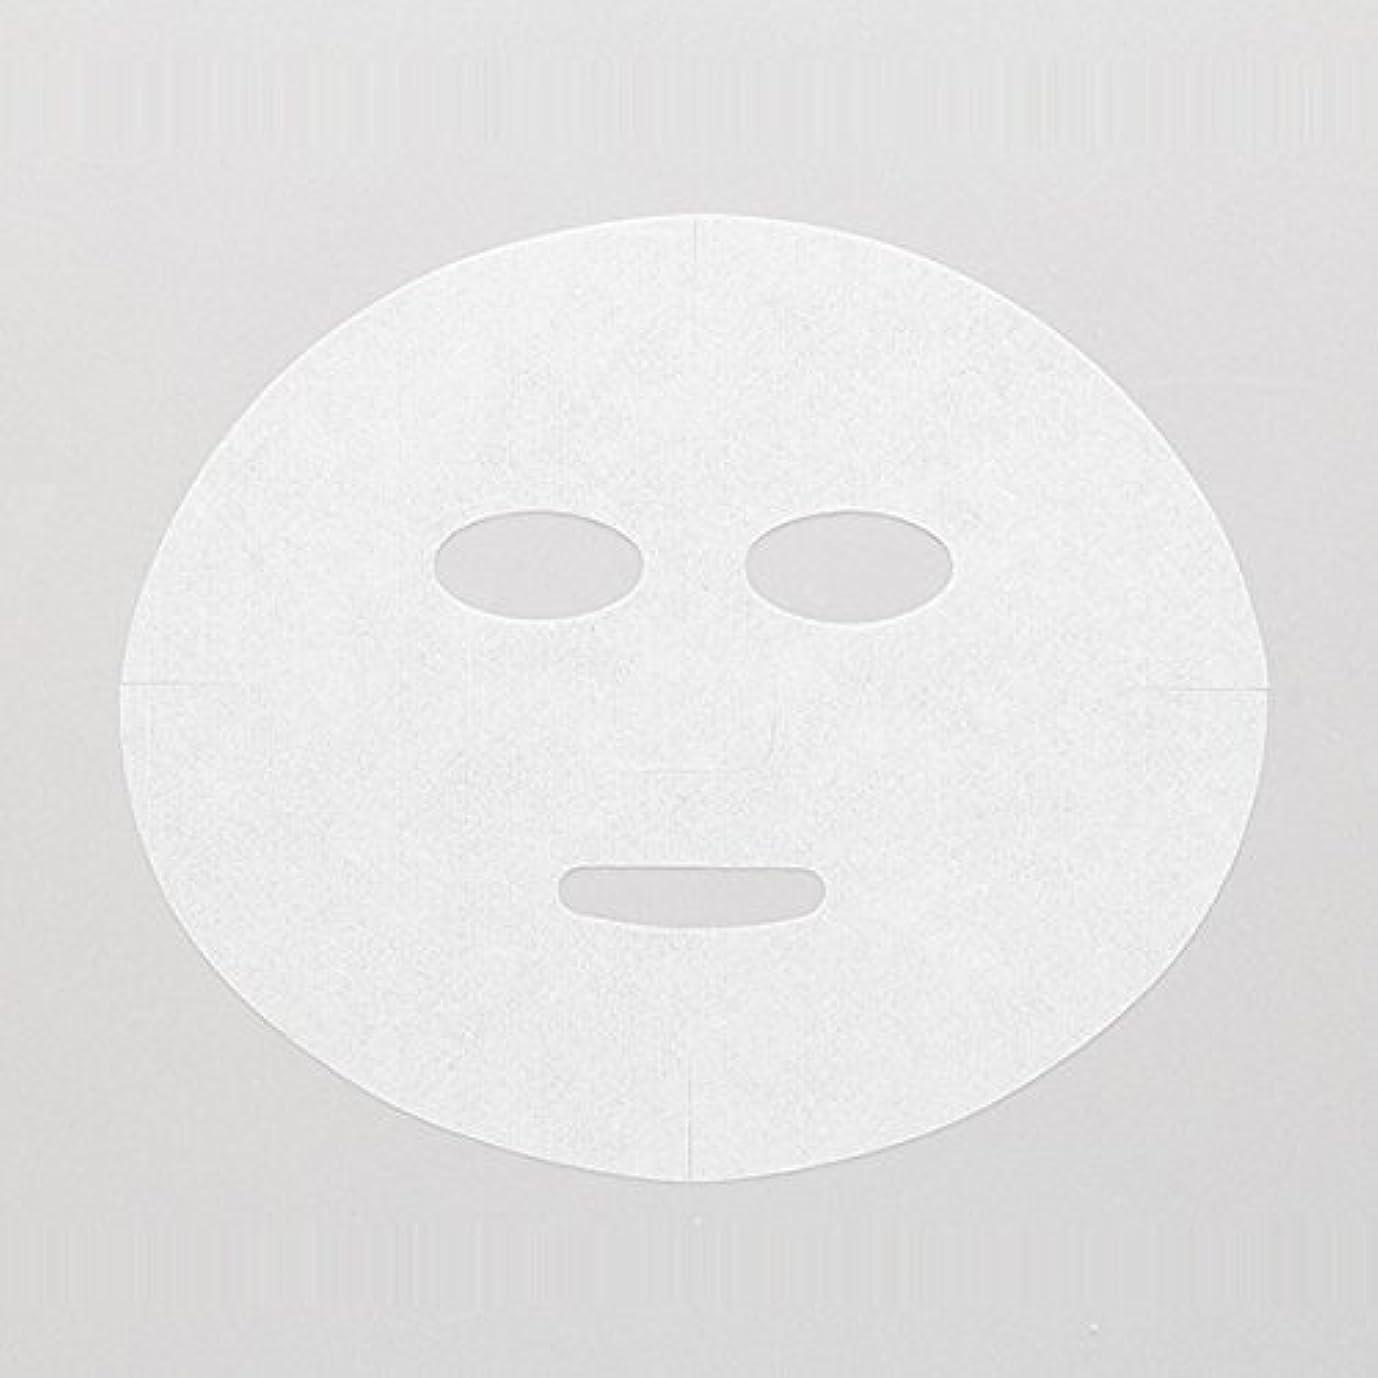 オークション放棄されたパンダ高保水 フェイシャルシート (マスクタイプ 化粧水無) 80枚 24×20cm [ フェイスマスク フェイスシート フェイスパック フェイシャルマスク シートマスク フェイシャルシート フェイシャルパック ローションマスク ローションパック ]